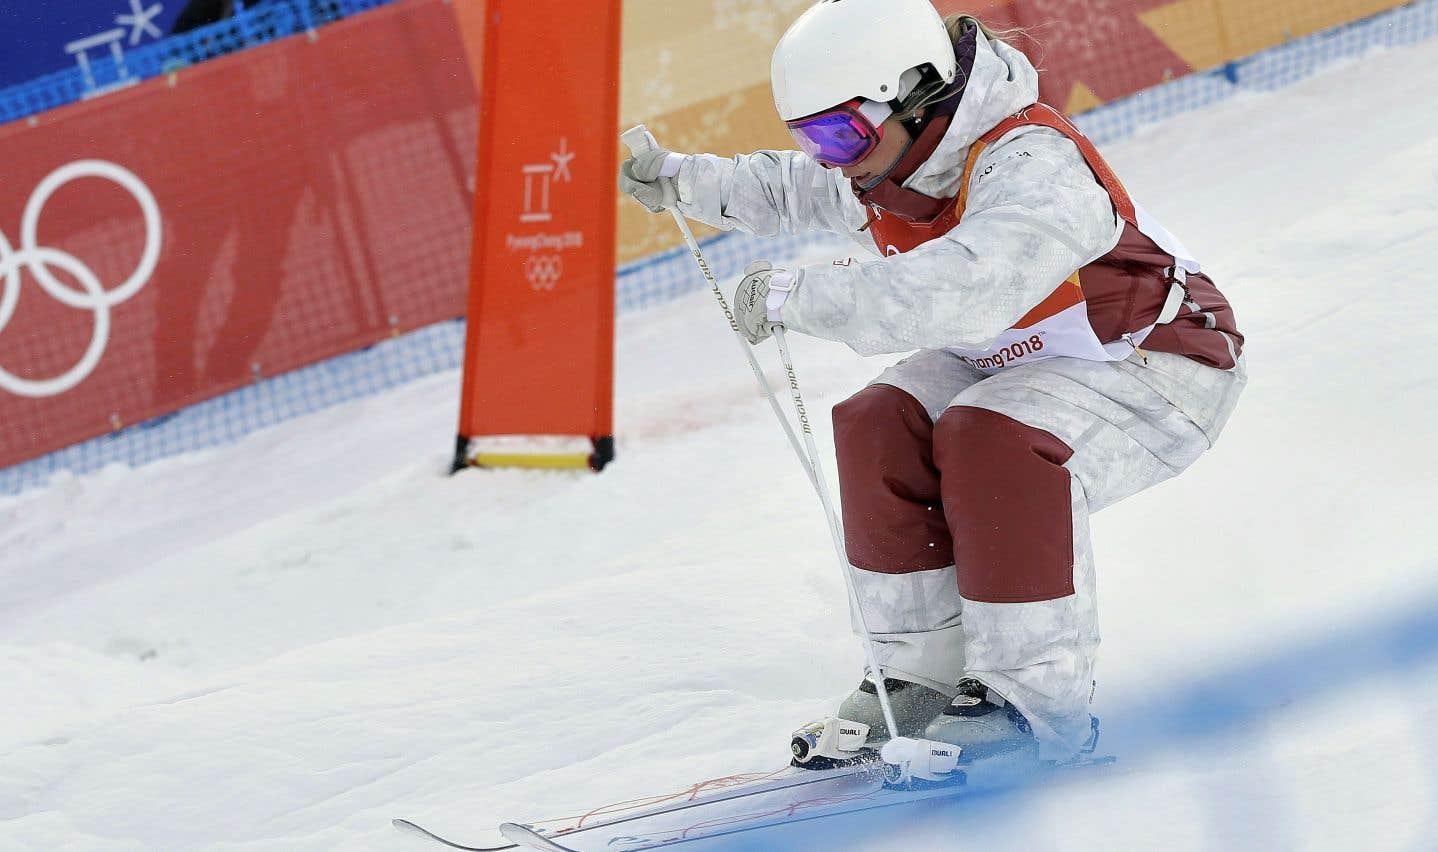 Audrey Robichaud a obtenu sa place en finale de l'épreuve des bosses jeudi soir au parc de neige de Bokwang.